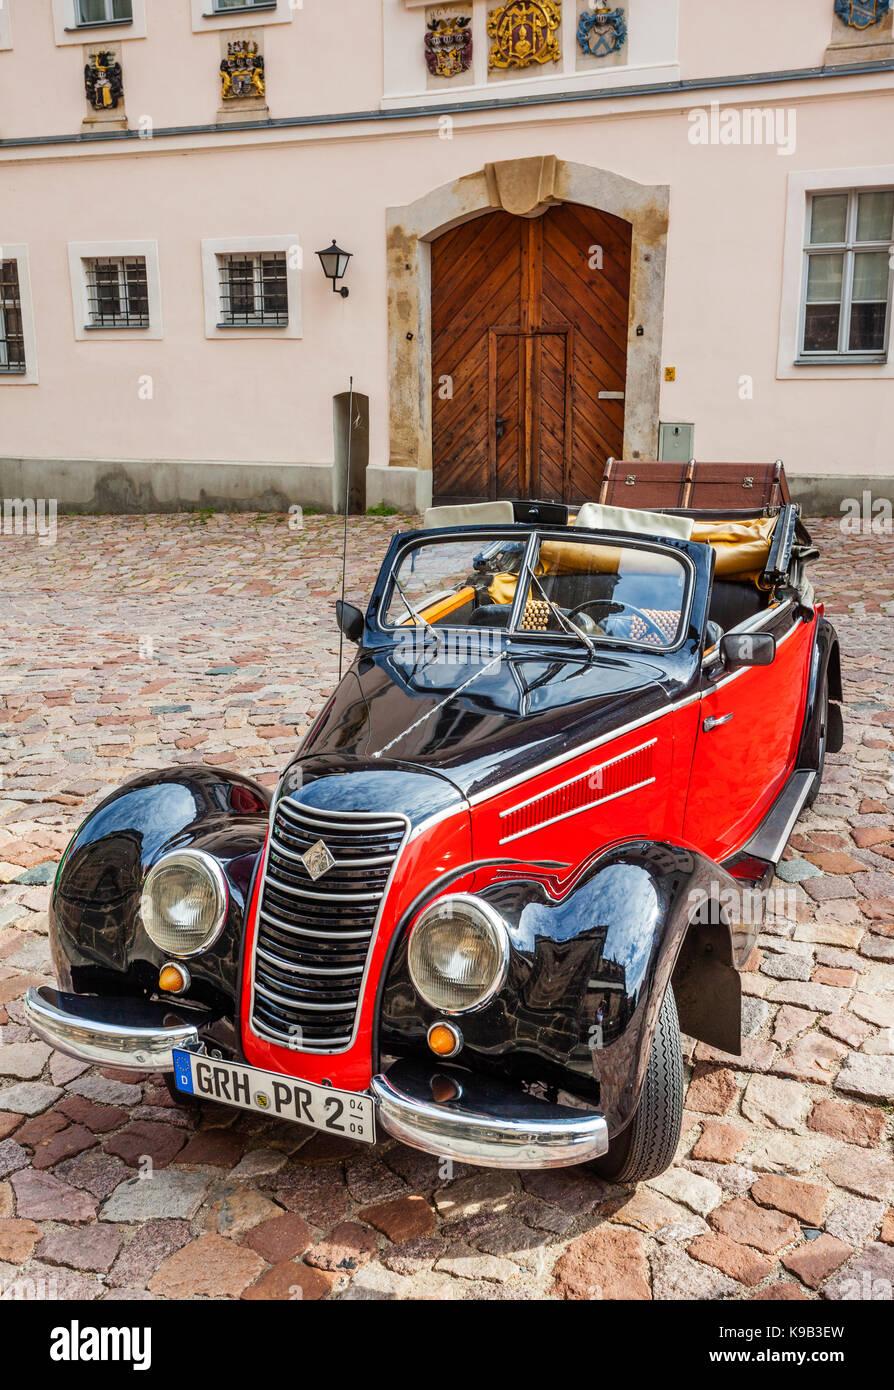 Deutschland, Sachsen, Meißen, IFA cabrio Oldtimer am Cathedral Square, der Albrechtsburg Hill Stockbild